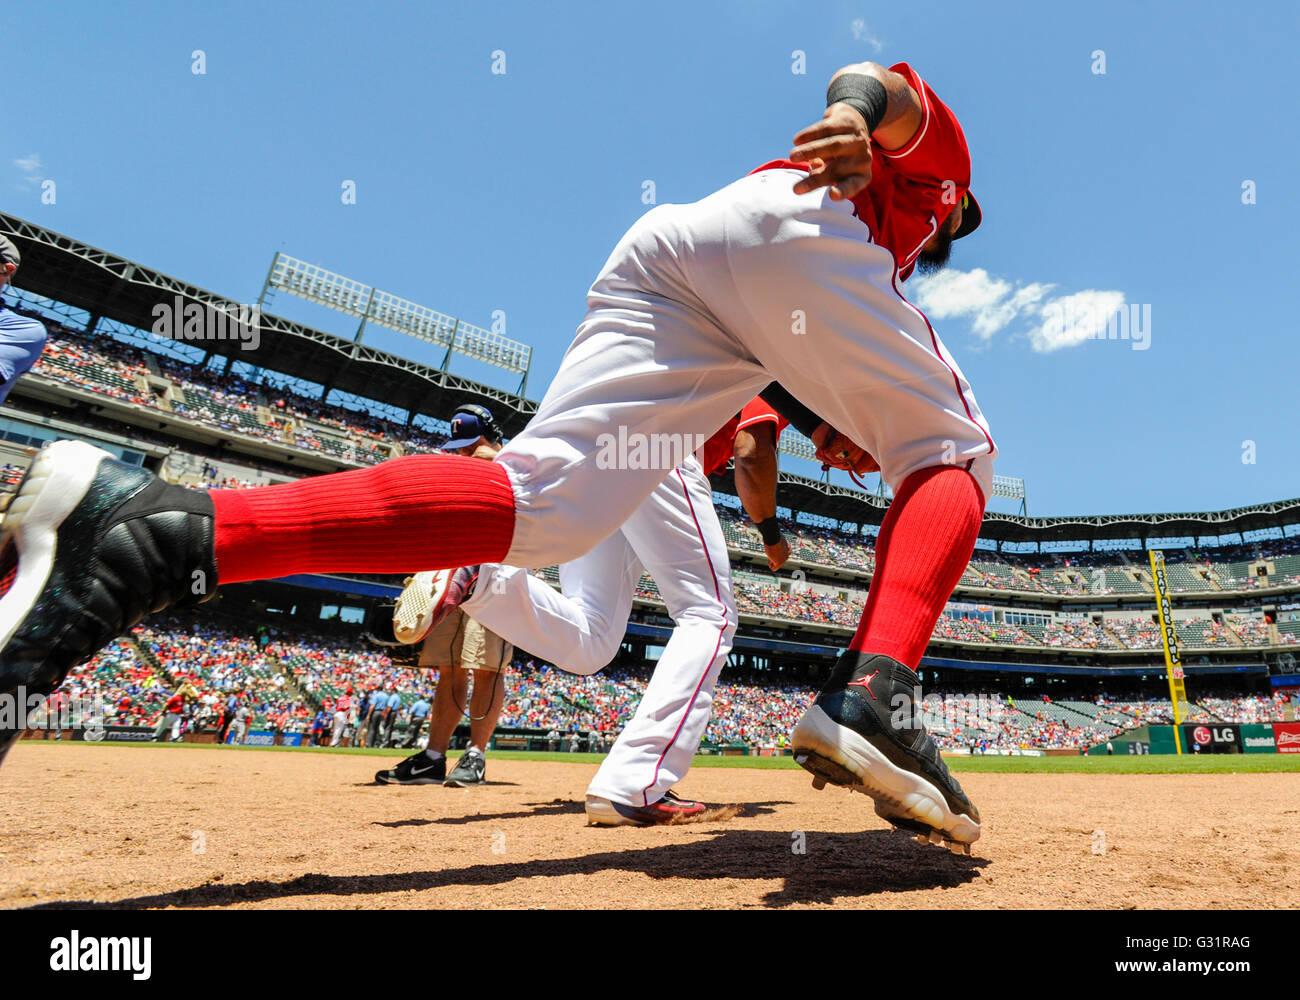 Junio 5, 2016: _______ durante un juego MLB entre los Mariners de Seattle y los Rangers de Texas en globo Life Park Imagen De Stock